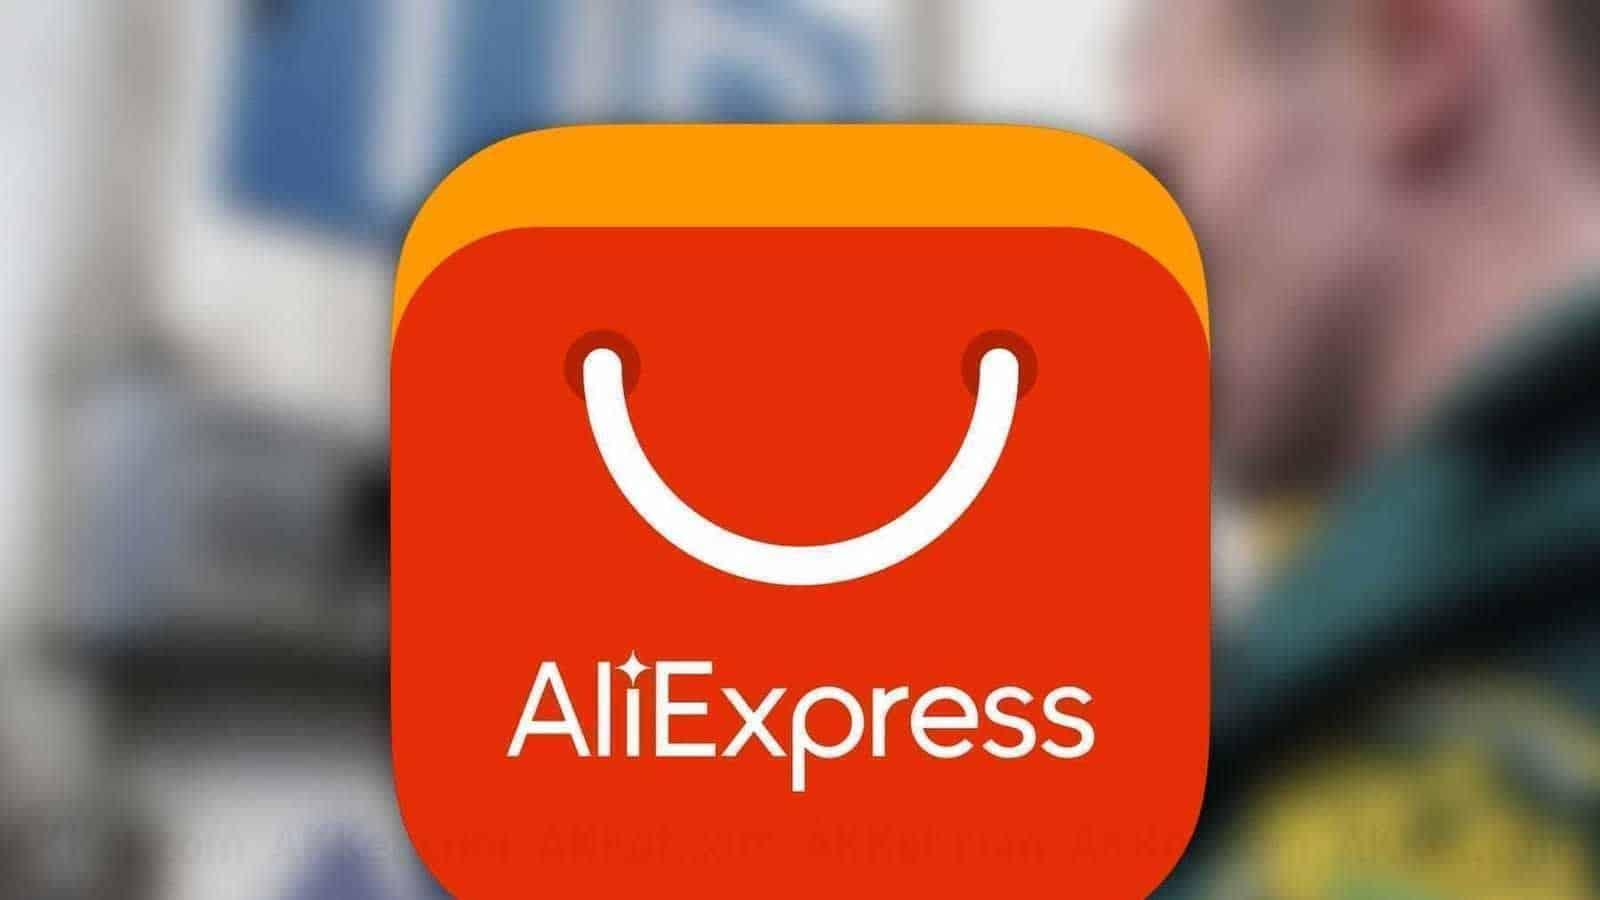 ¿Qué es AliExpress